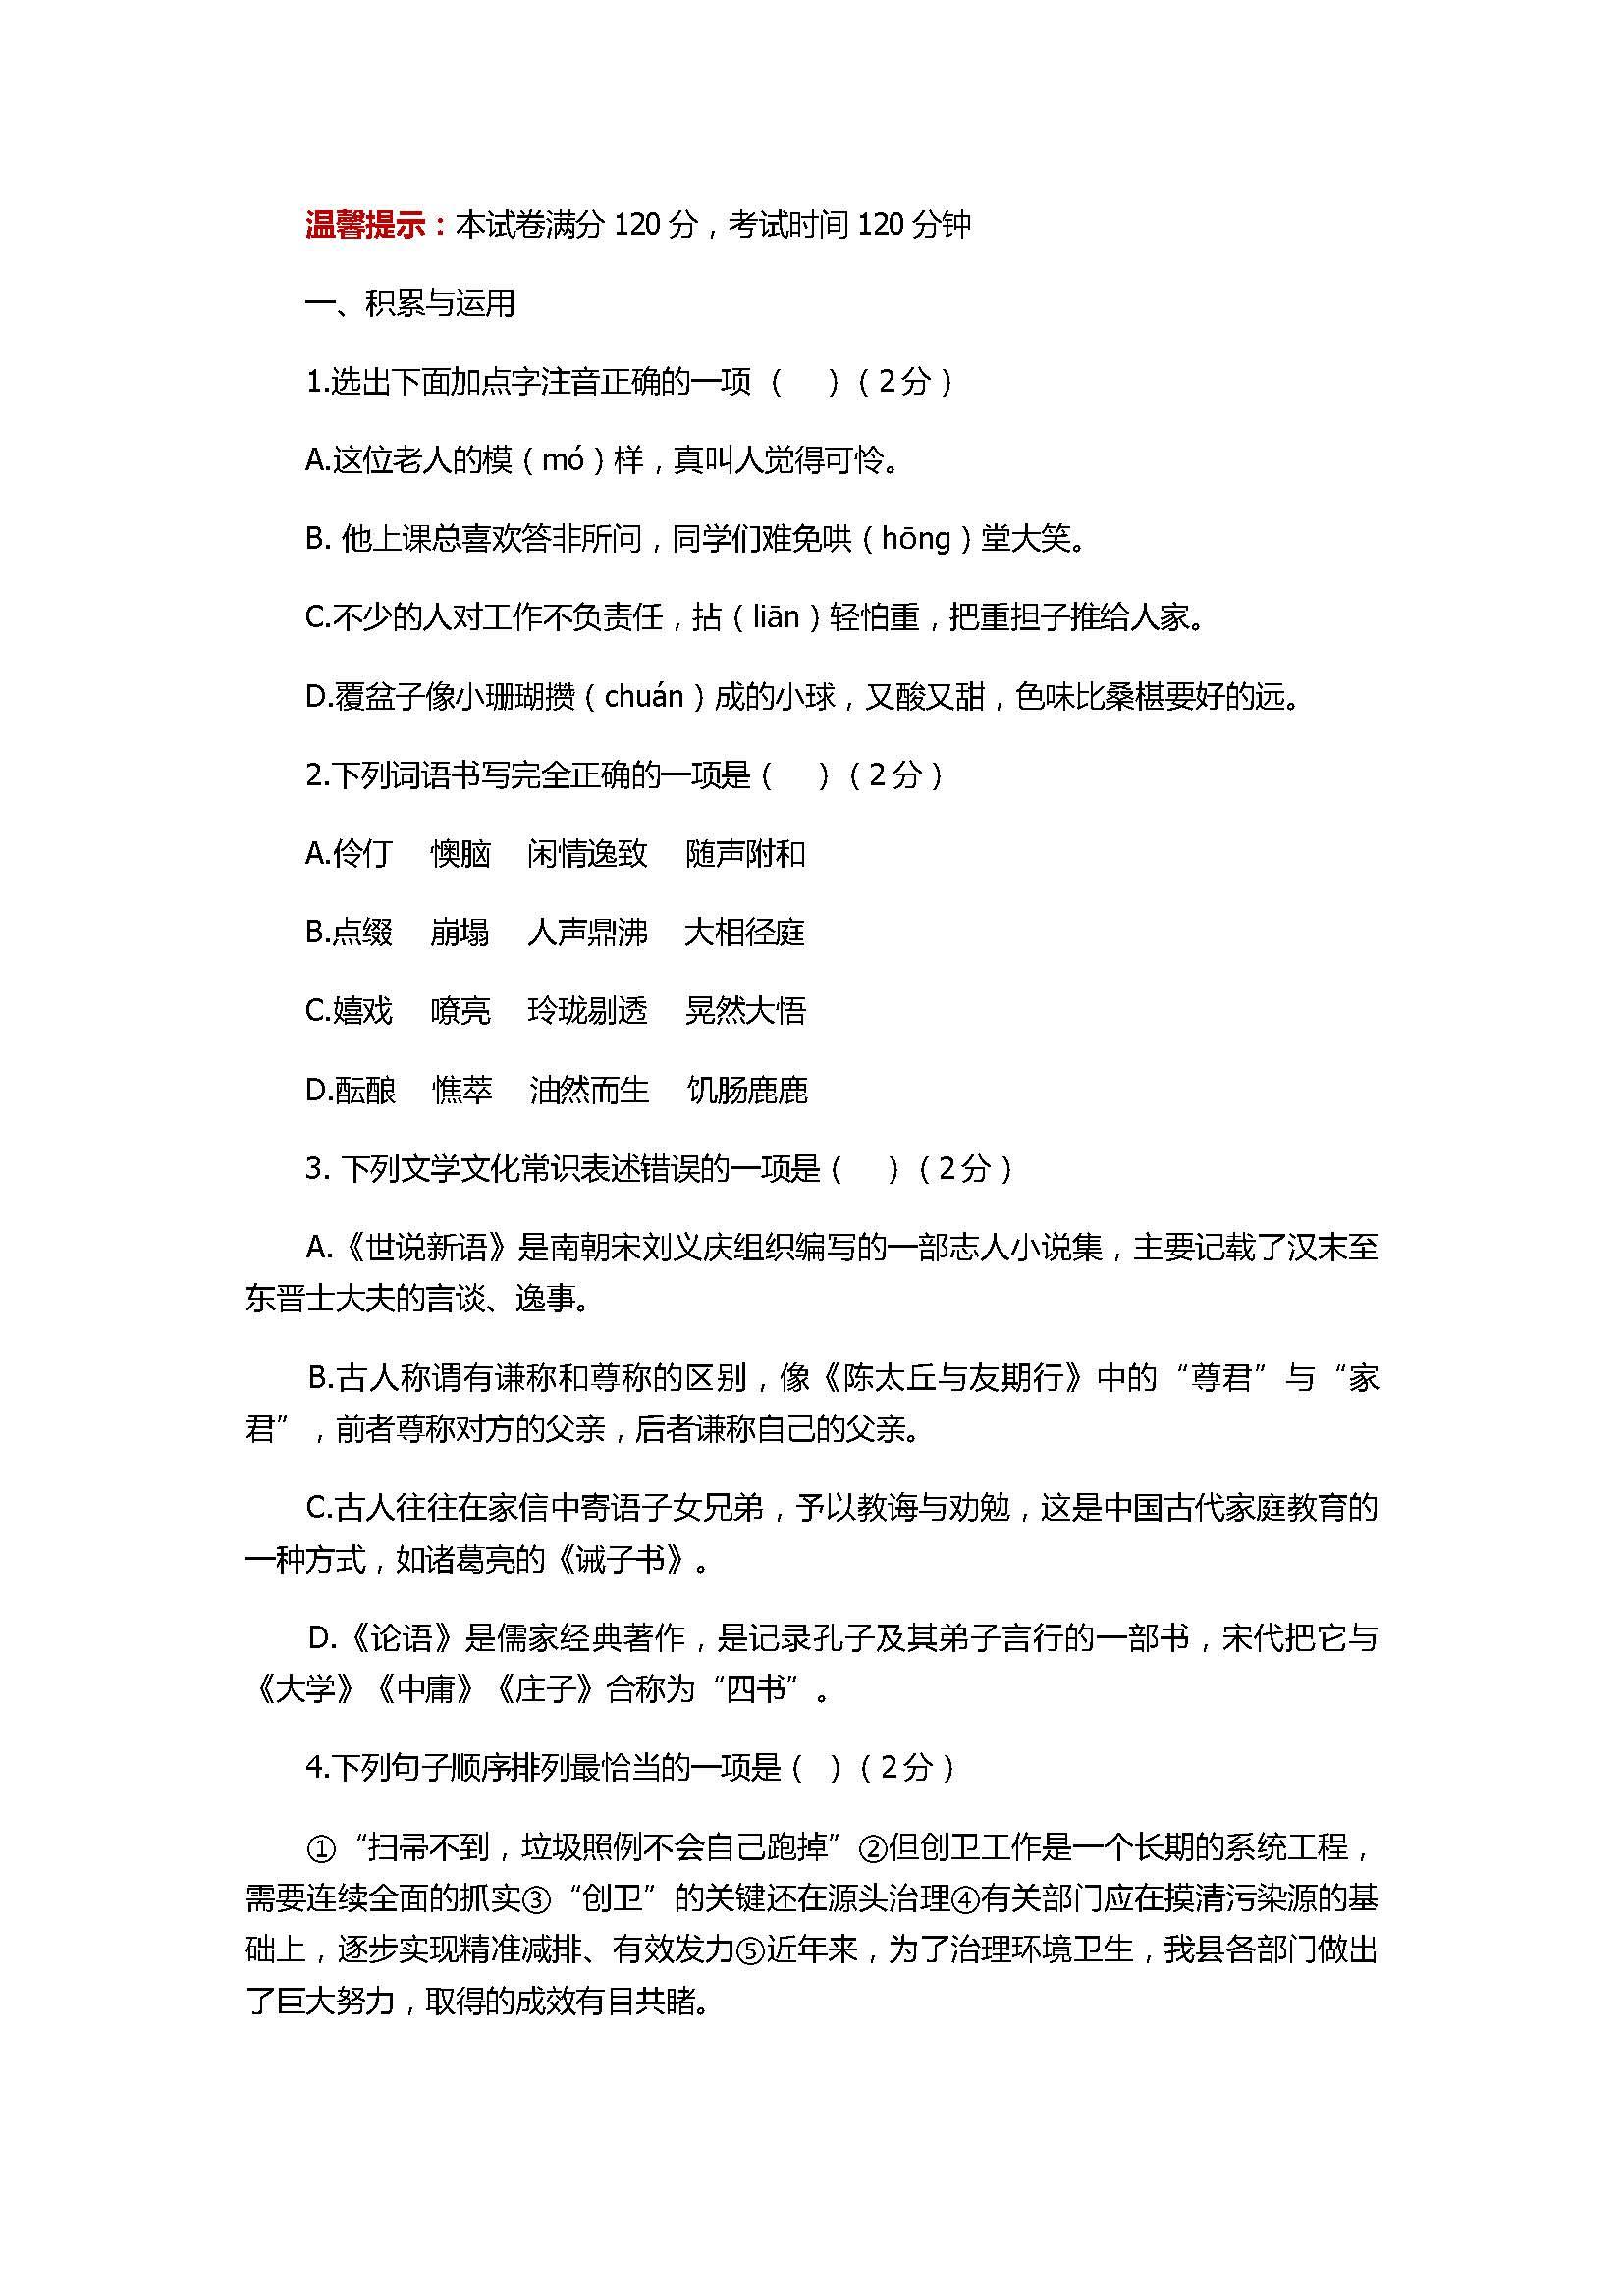 语文版2017七年级语文下册期末试卷带参考答案(金石中学)